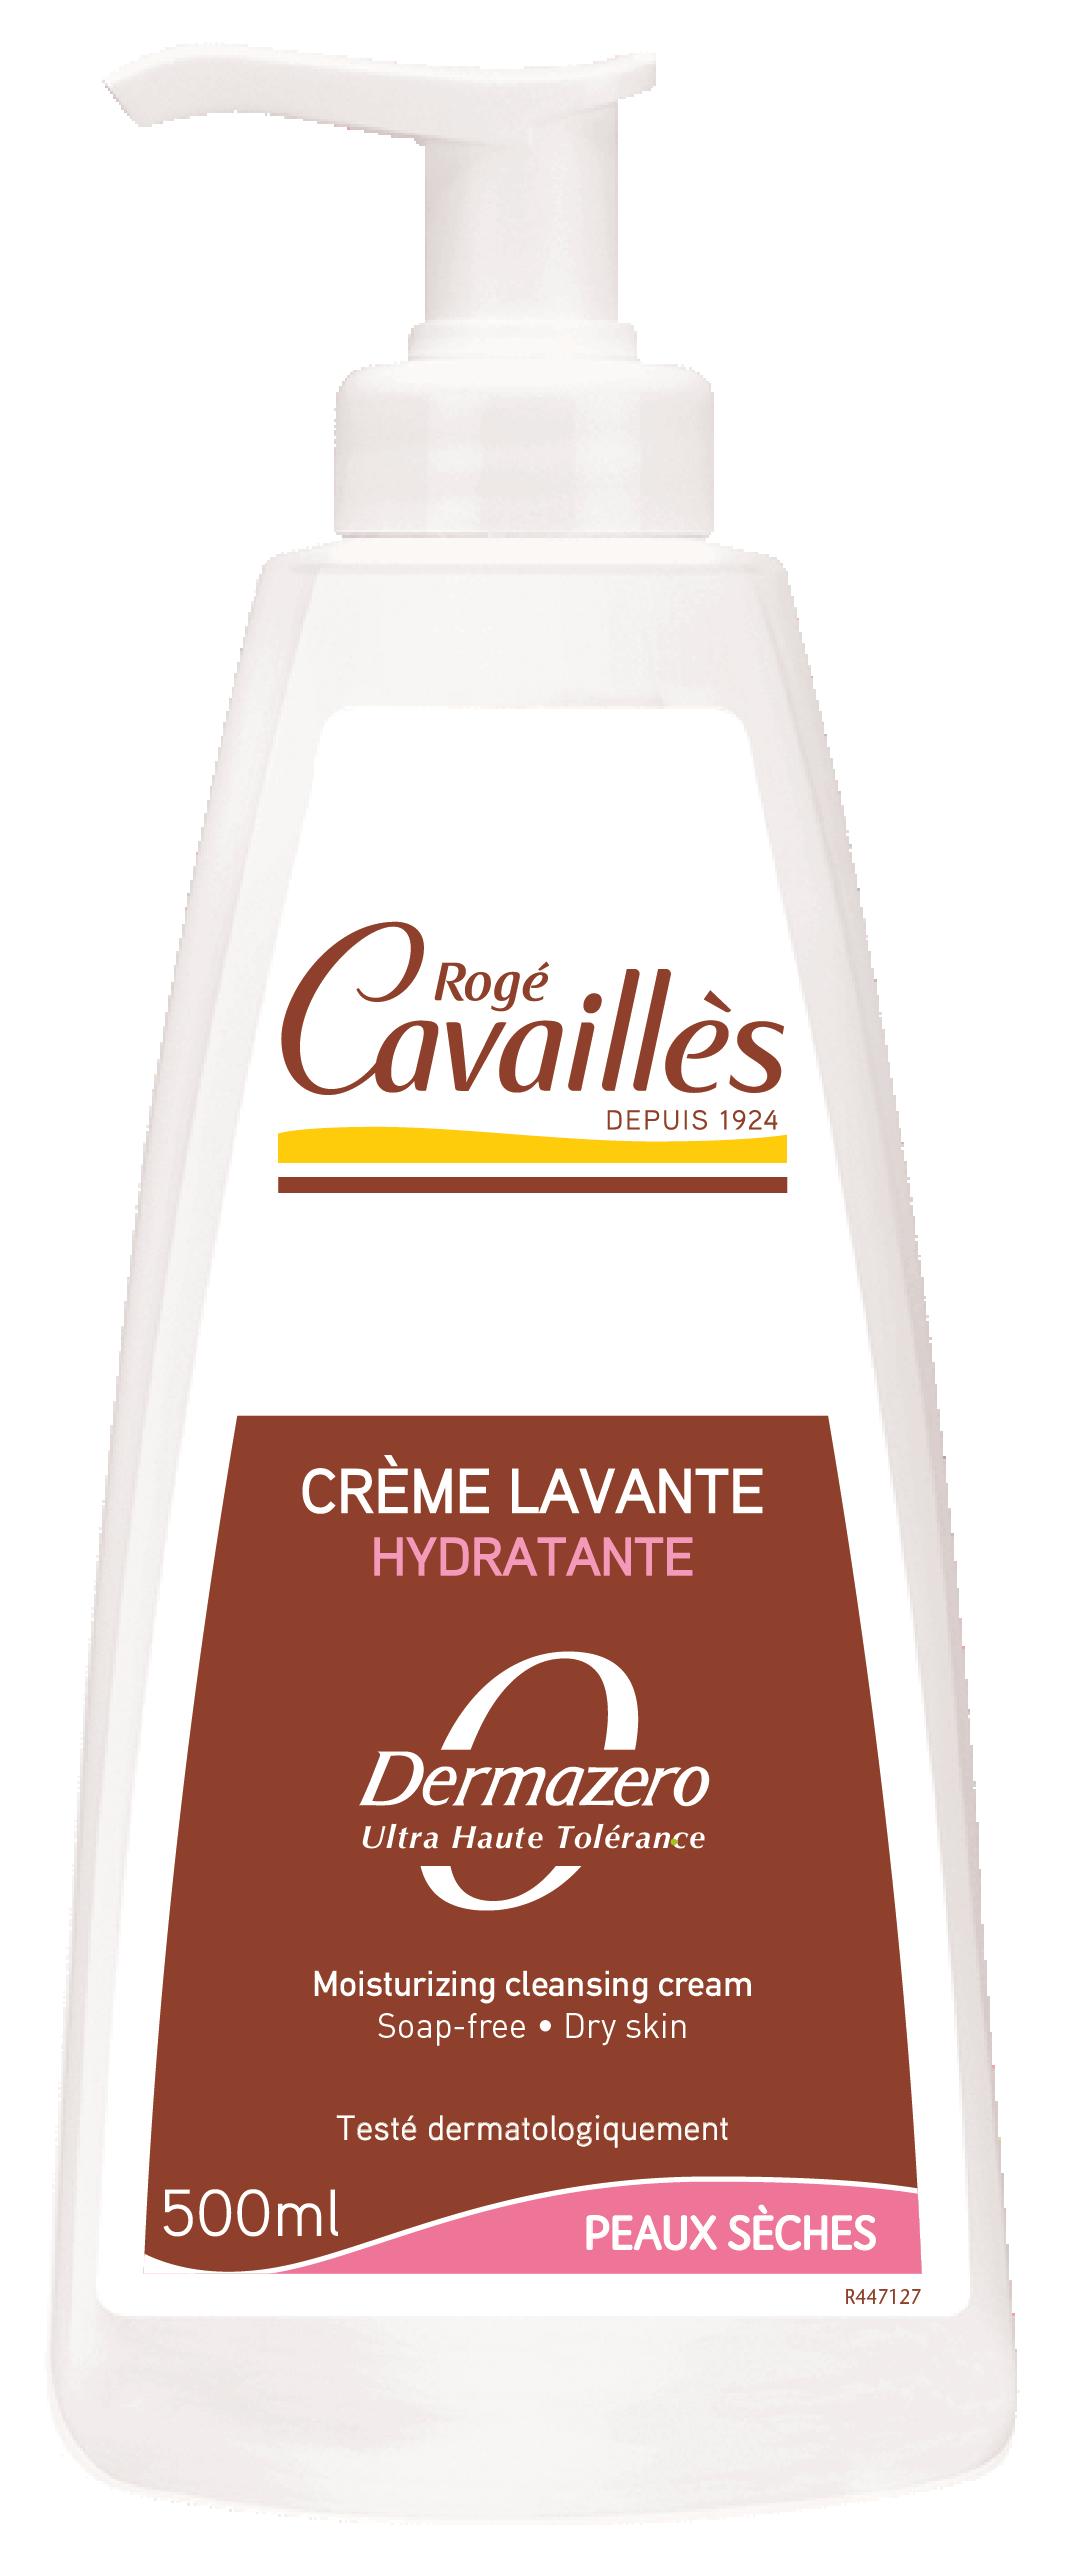 Crème lavante hydratante 500ml